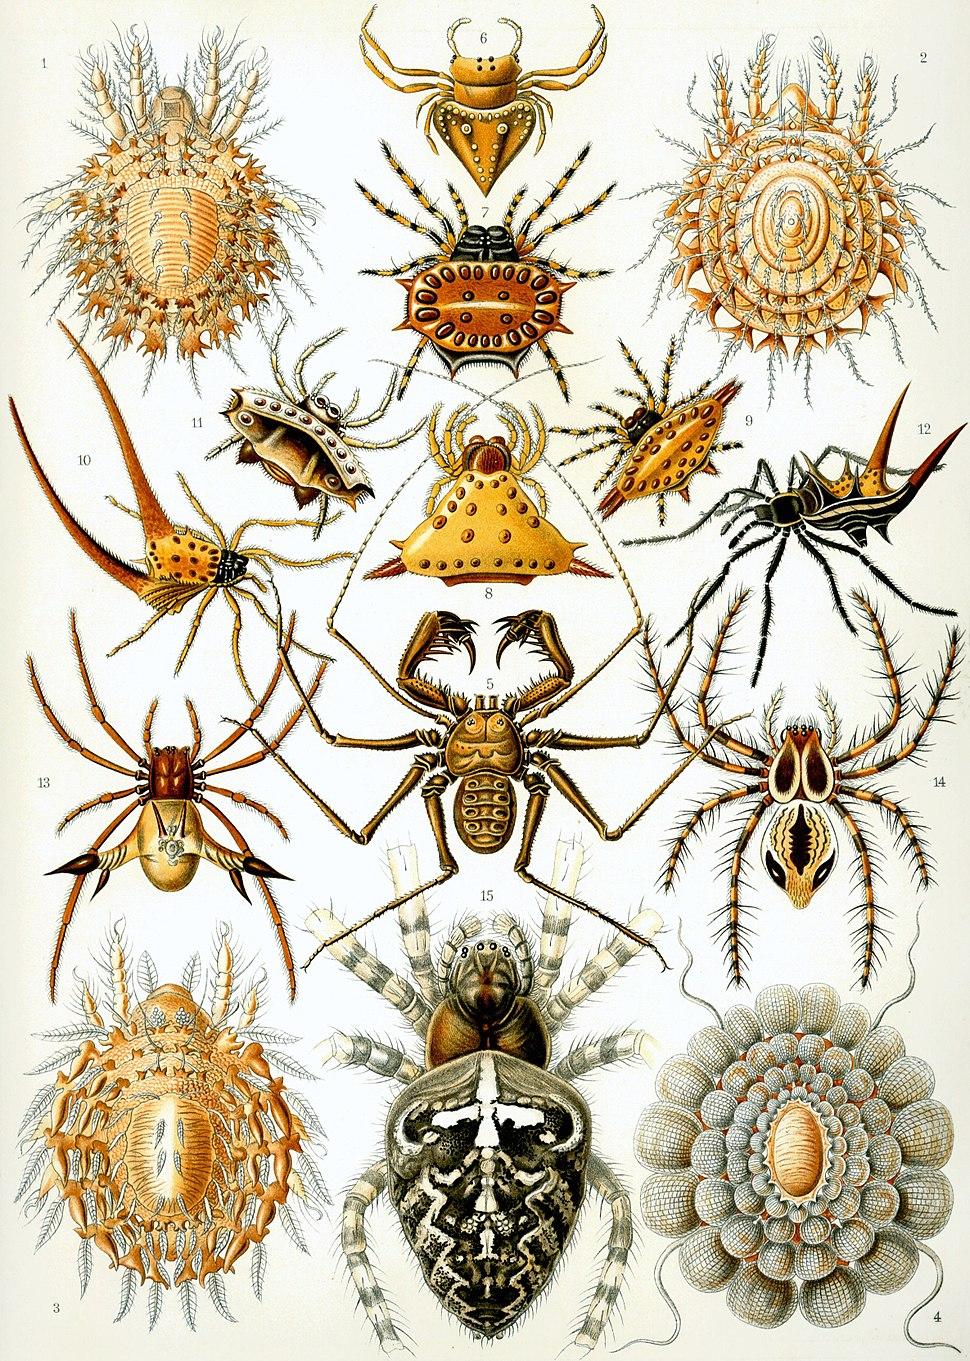 Haeckel Arachnida